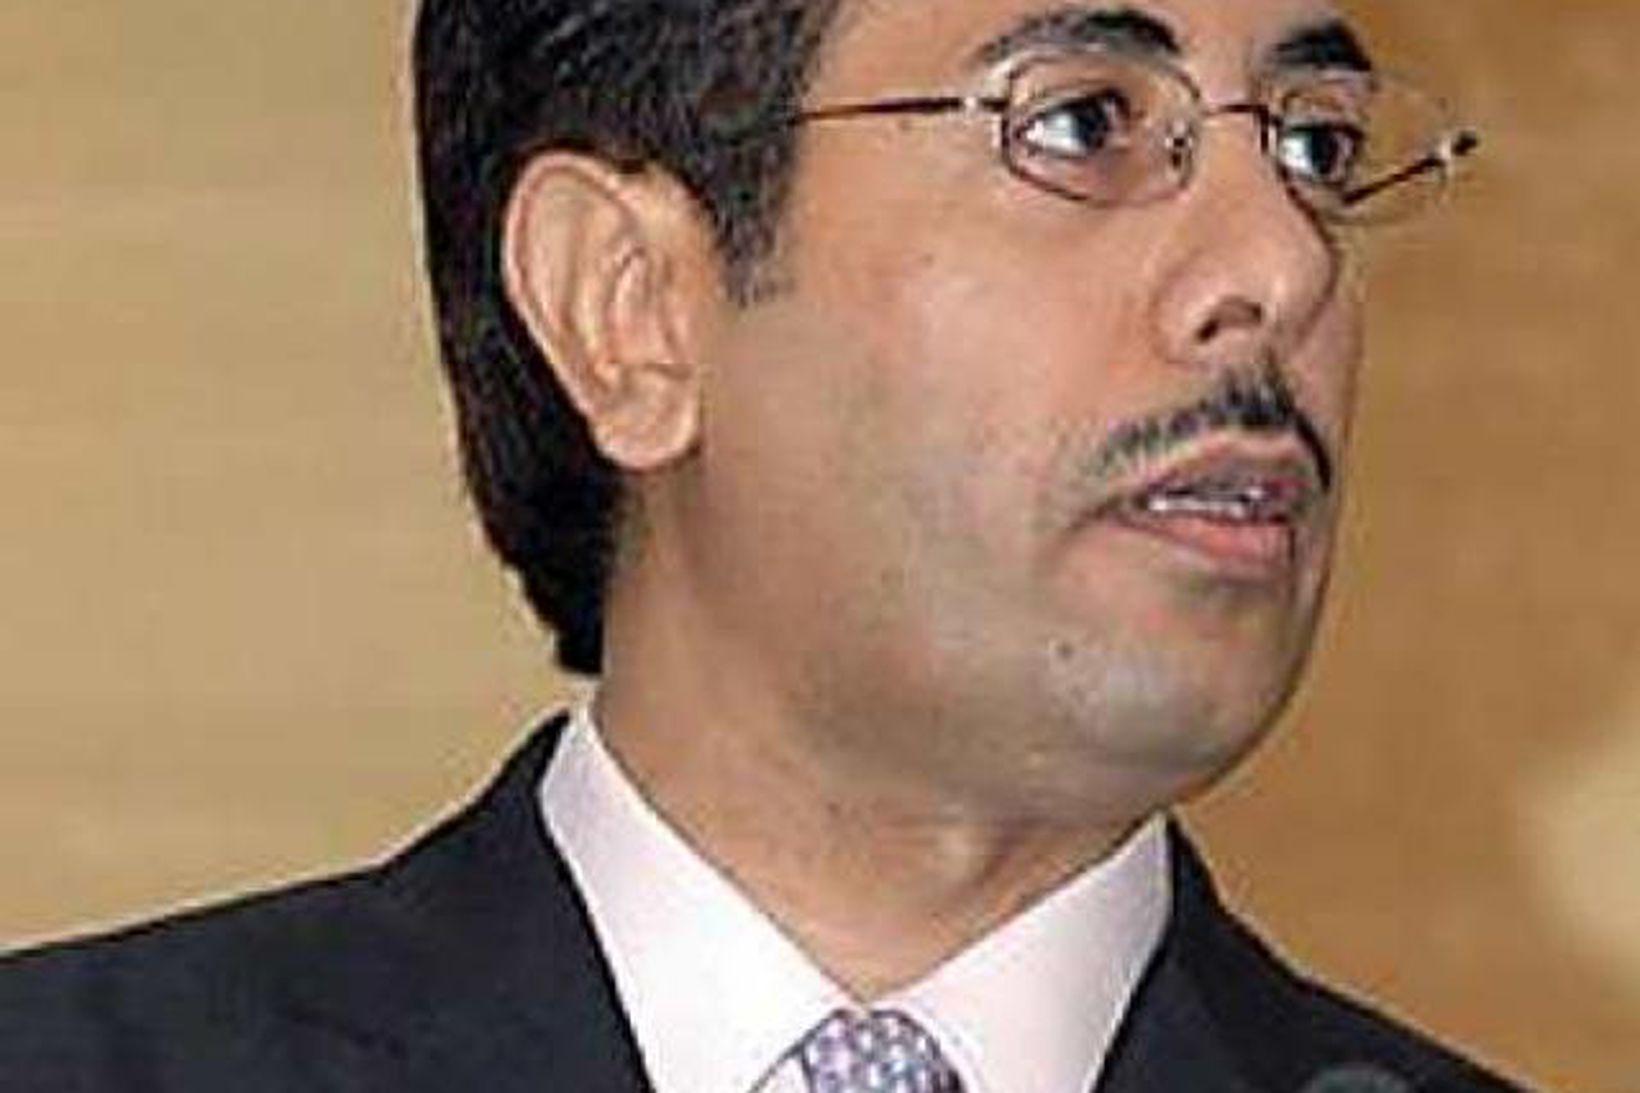 Mohamed Bin Khalifa Al-Thani